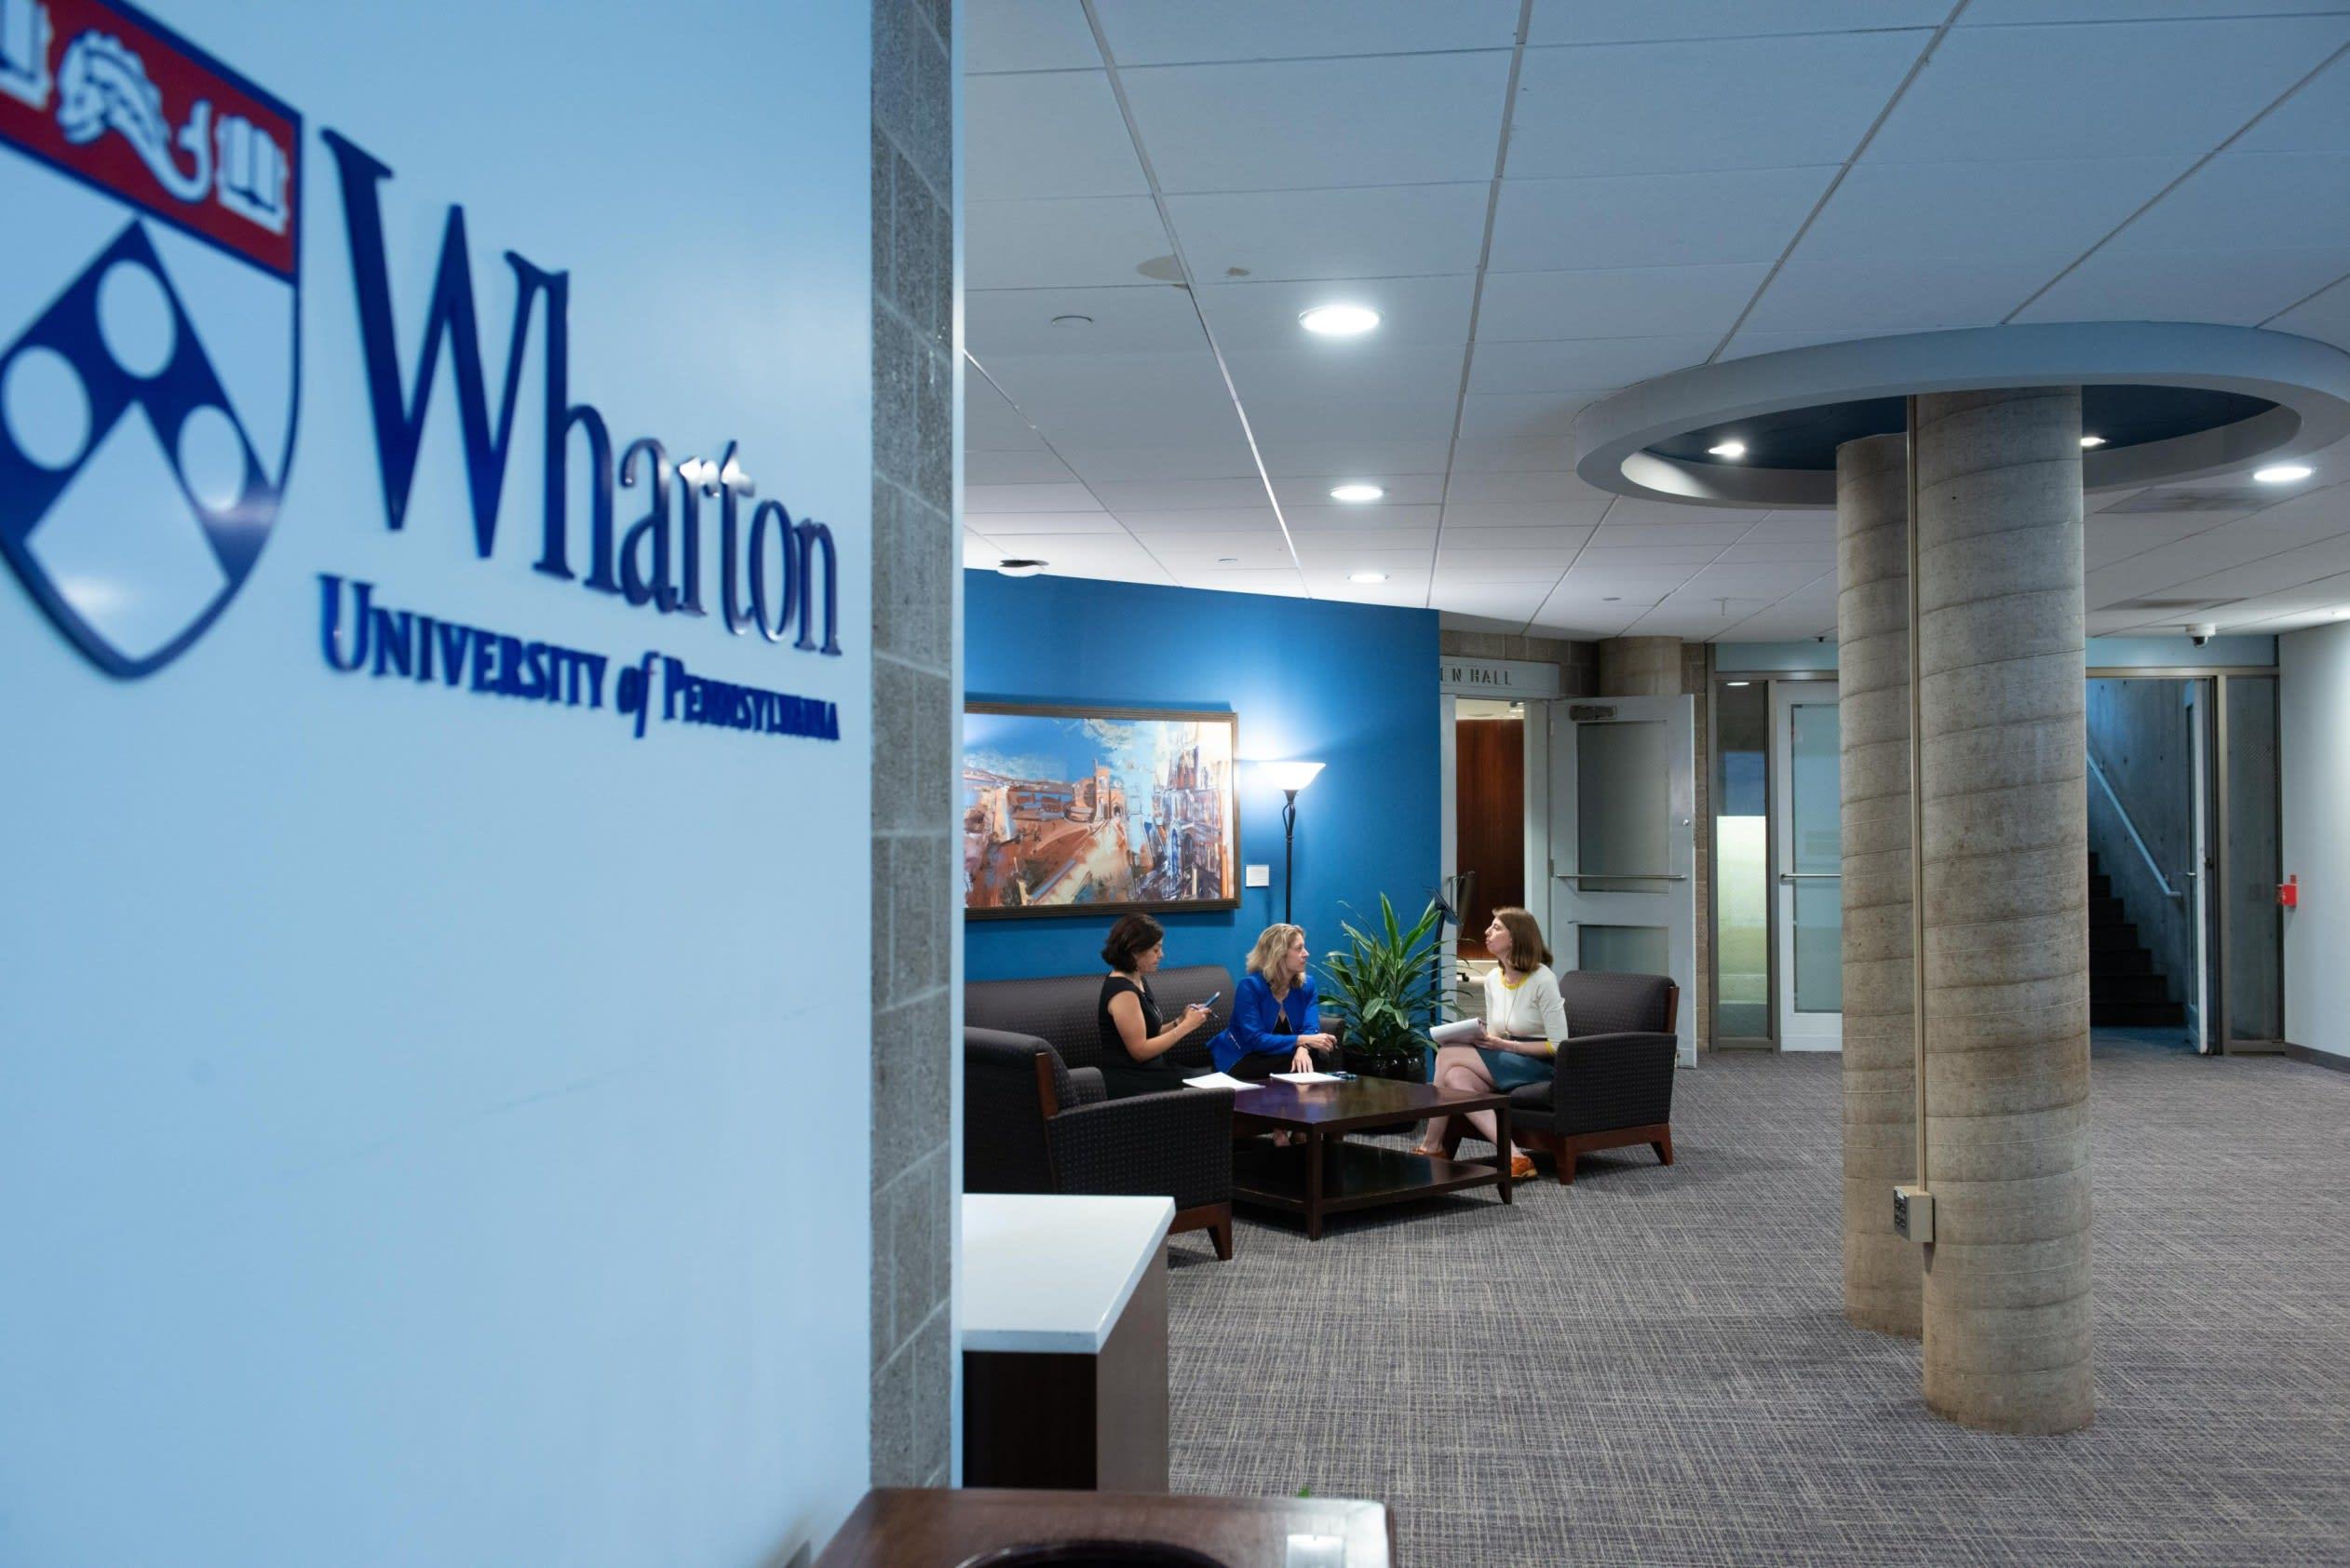 On the Wharton Executive Education CHRO Program